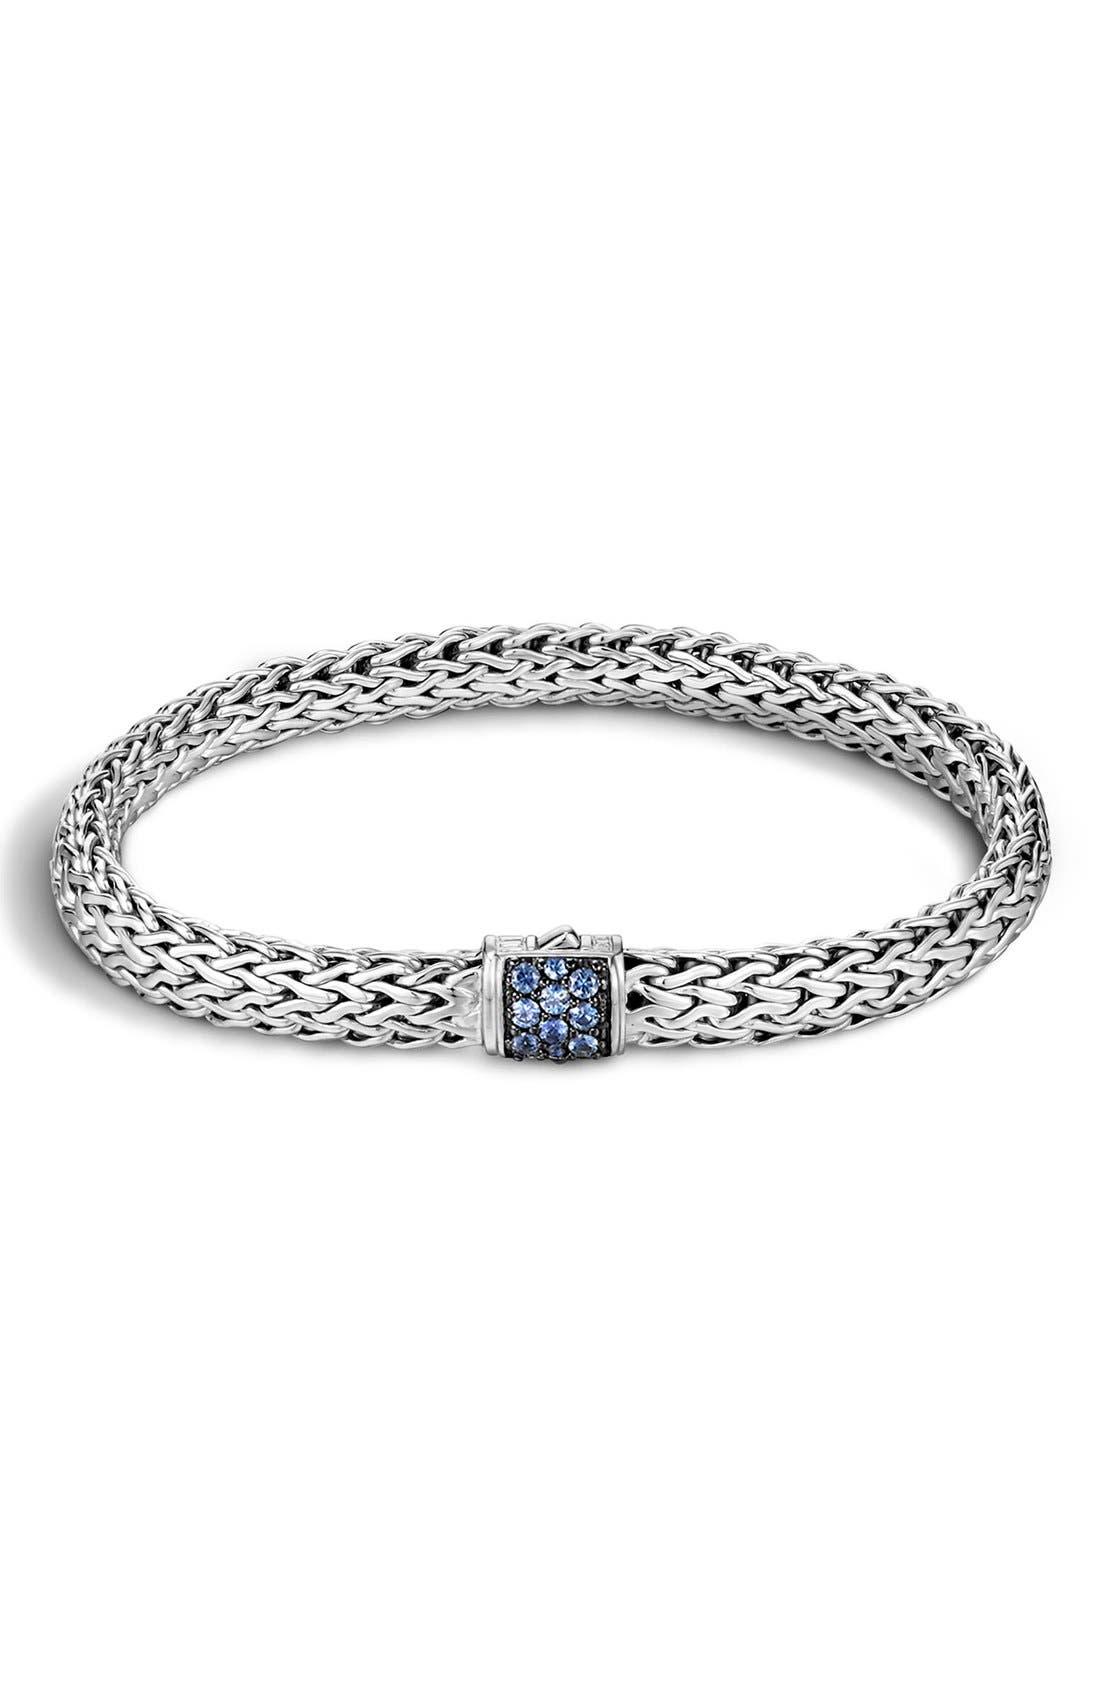 Classic Chain 6.5mm Bracelet,                         Main,                         color, Silver/ Blue Sapphire